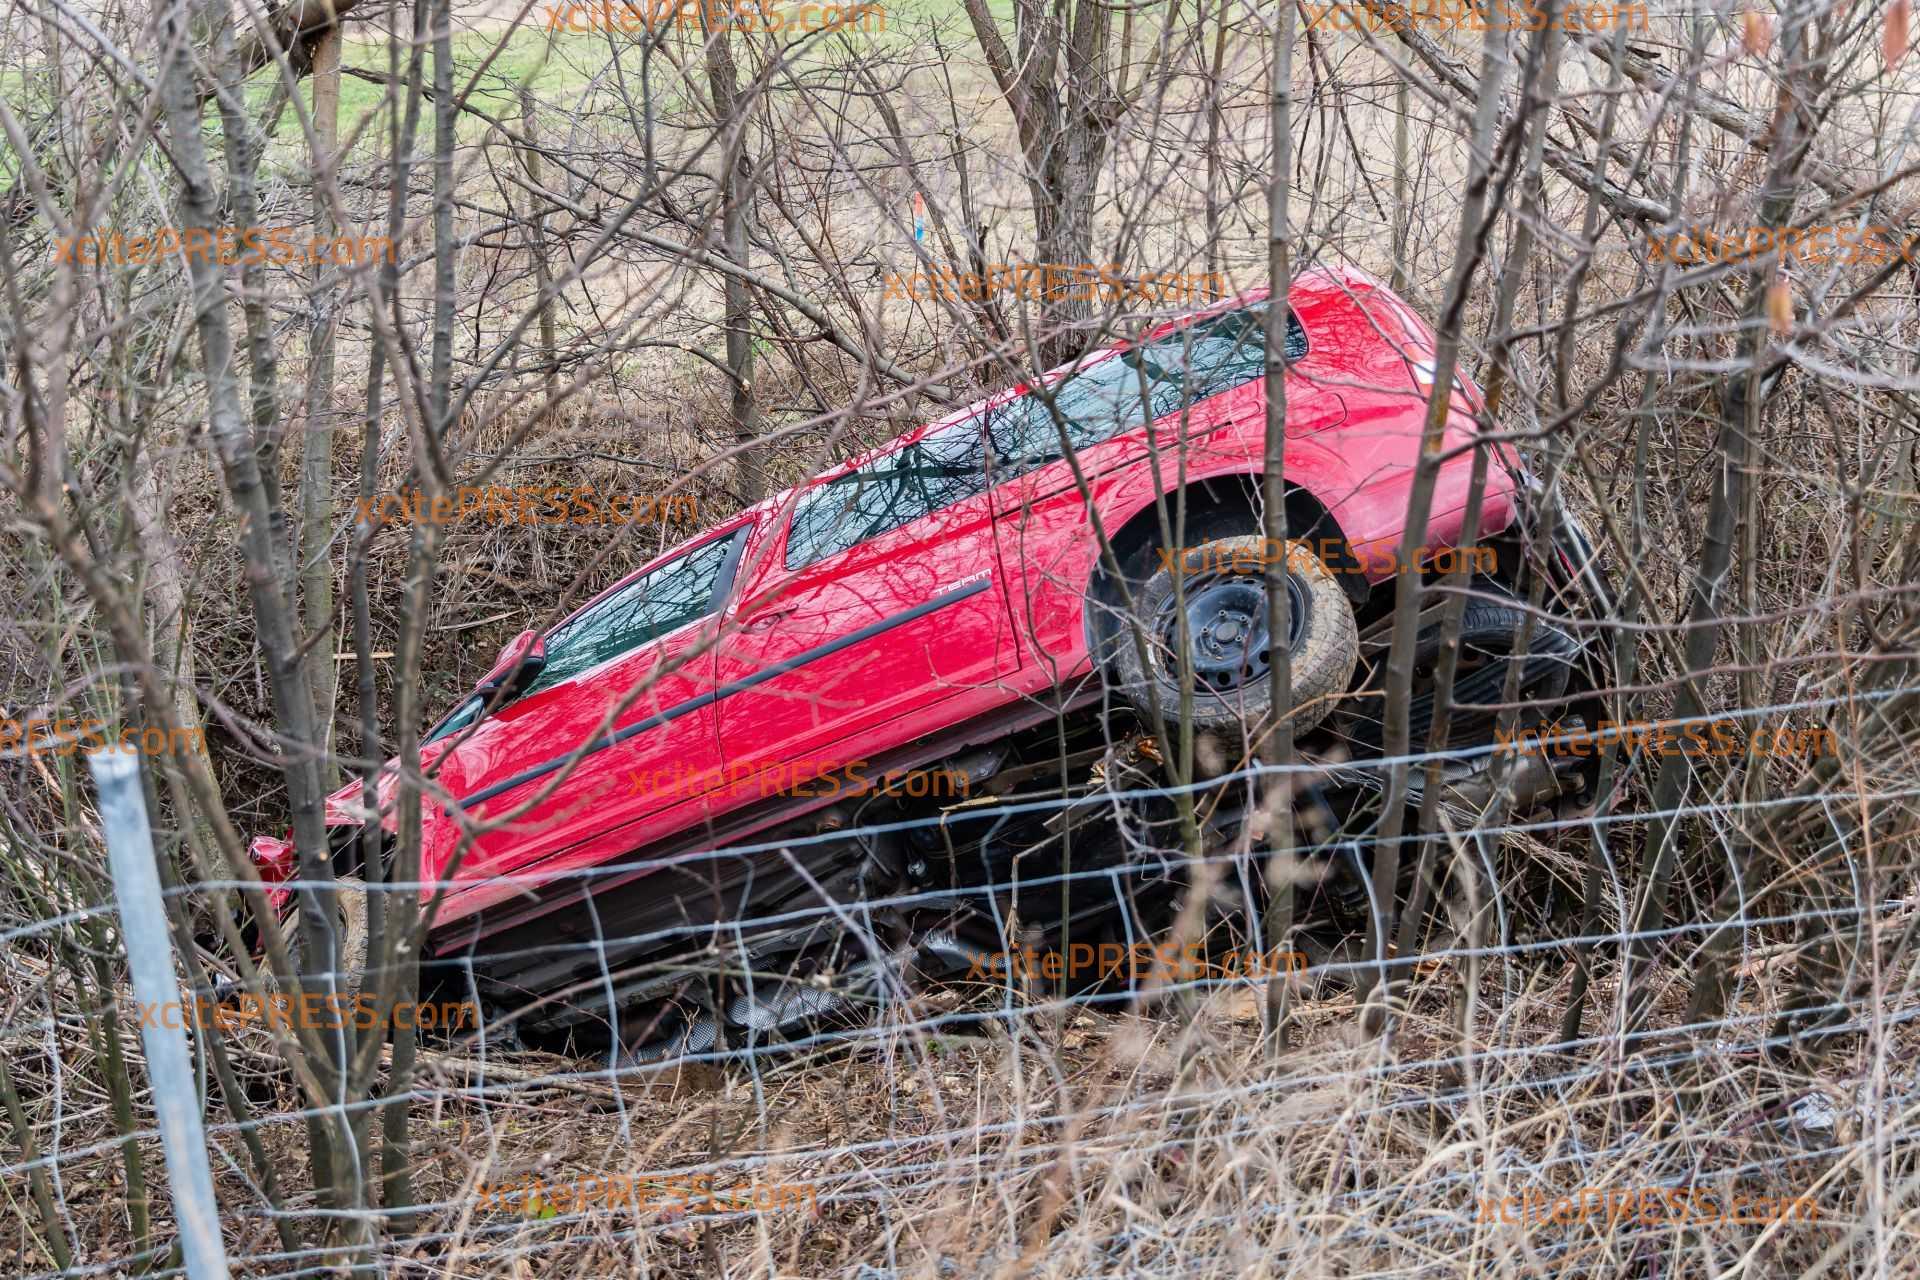 Caddy kommt von der Fahrbahn: PKW landet im Gestrüpp: Mehrere Leichtverletzte